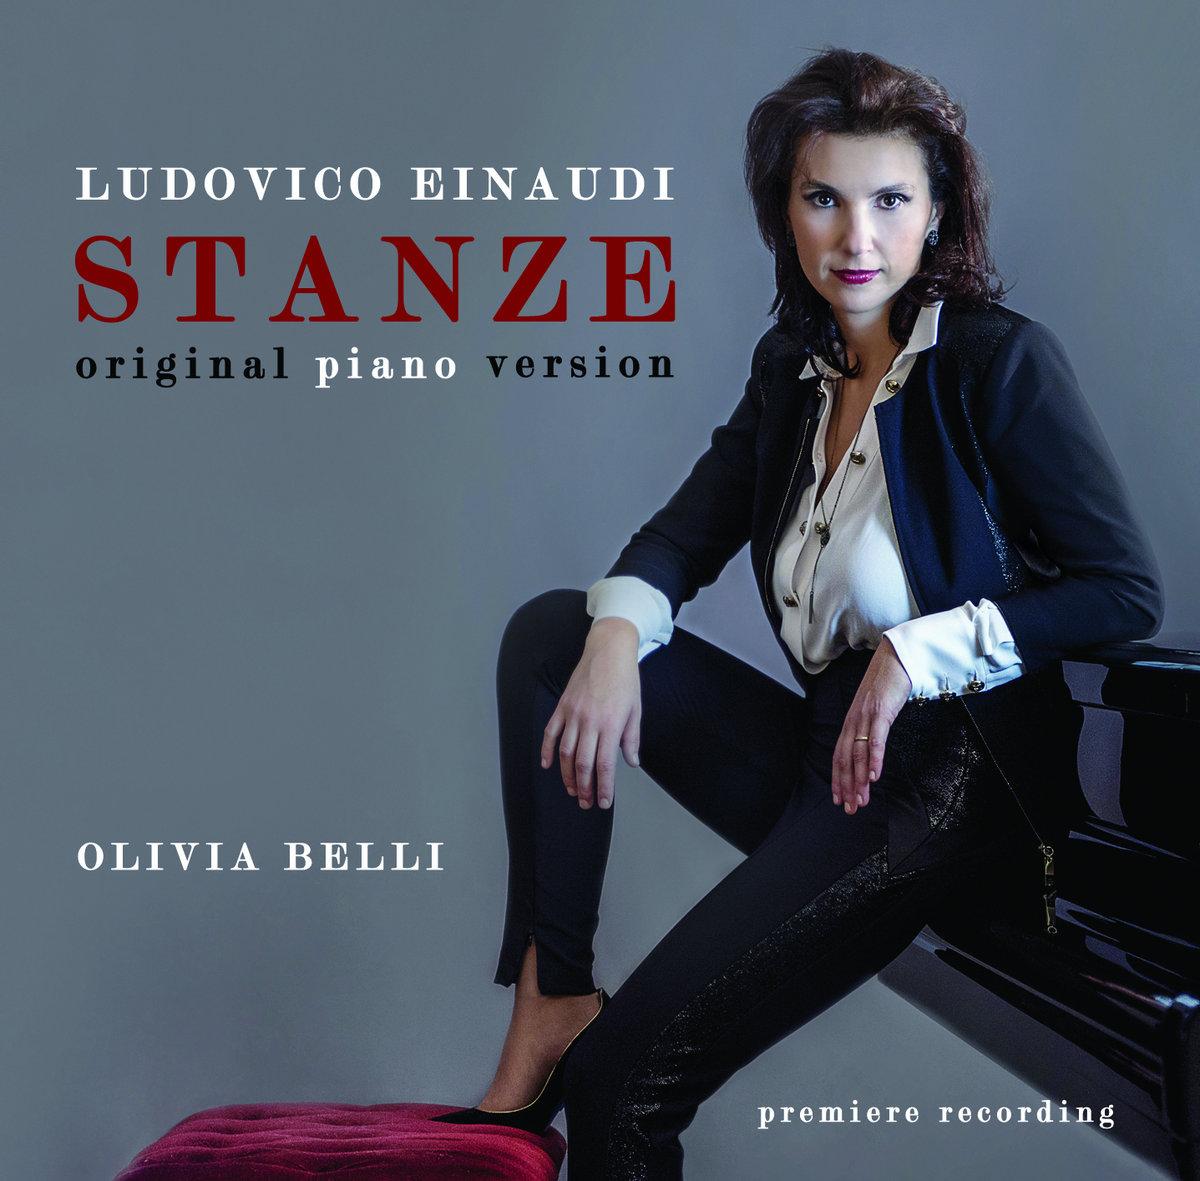 LUDOVICO EINAUDI: STANZE original piano version | OLIVIA BELLI